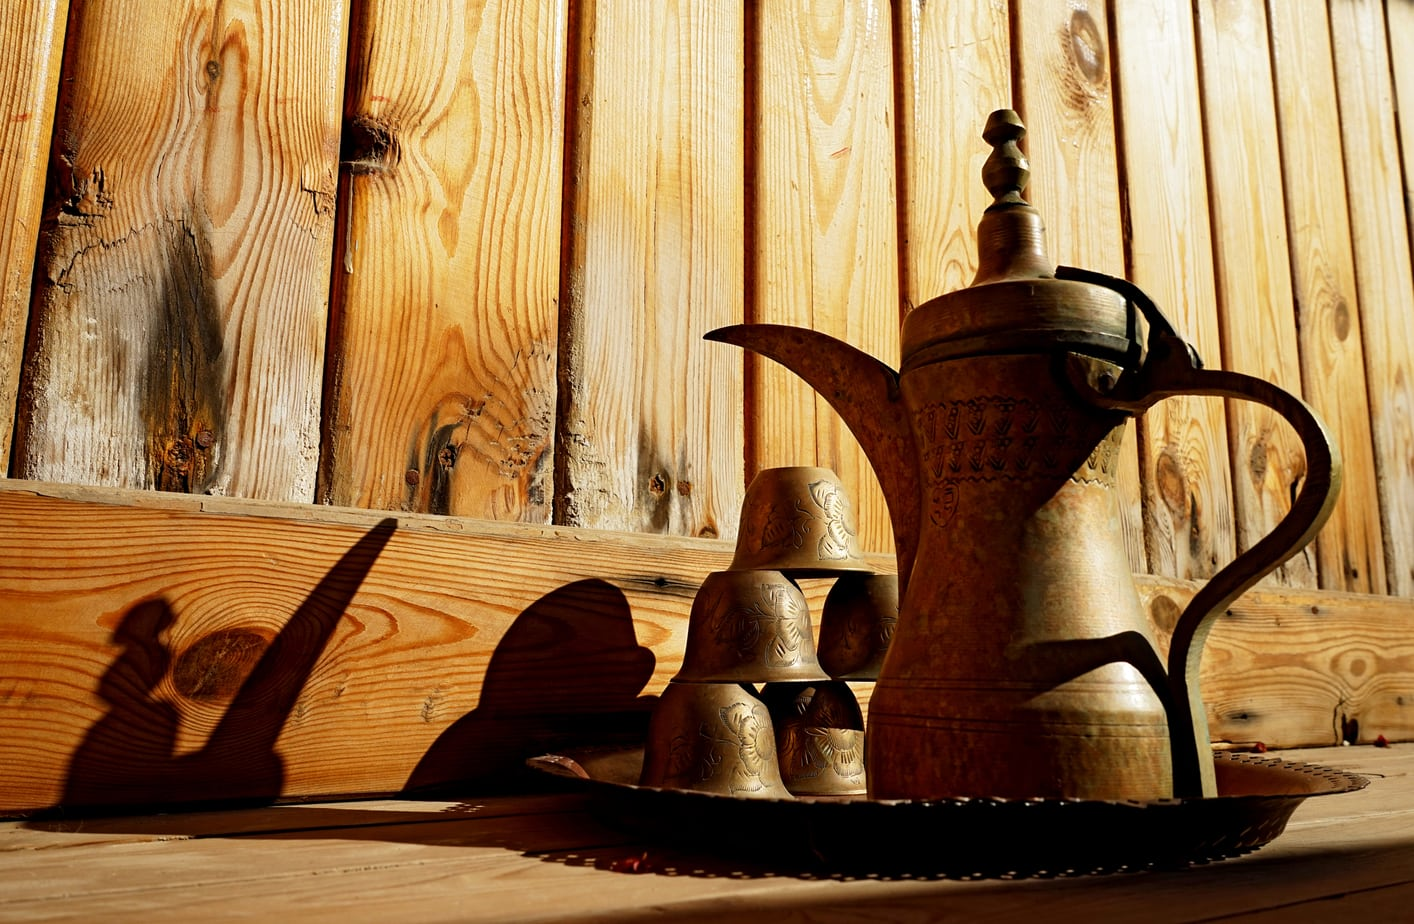 Yemen Coffeee